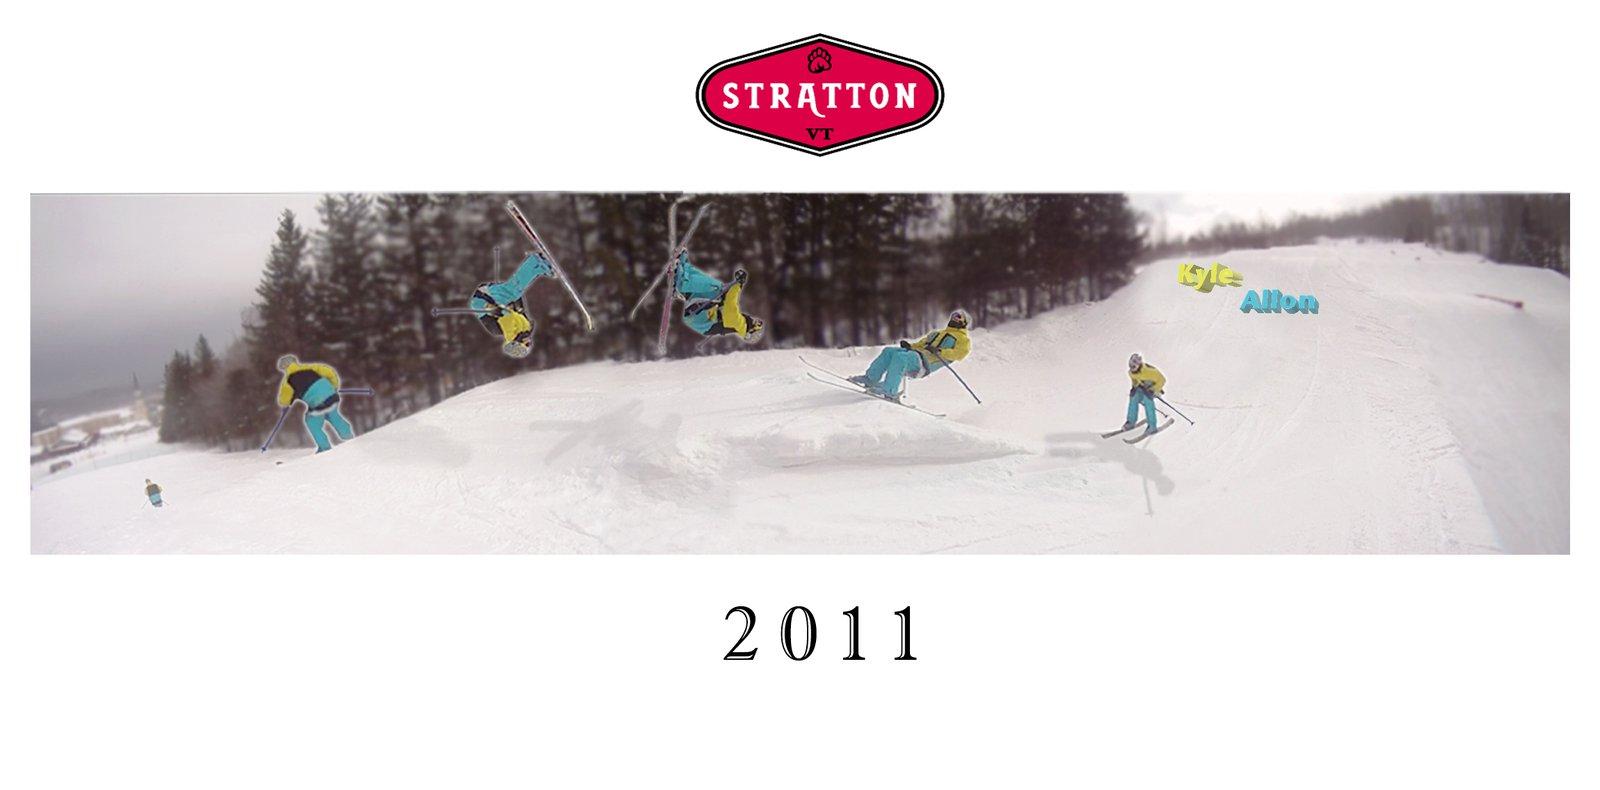 Stratton 2011